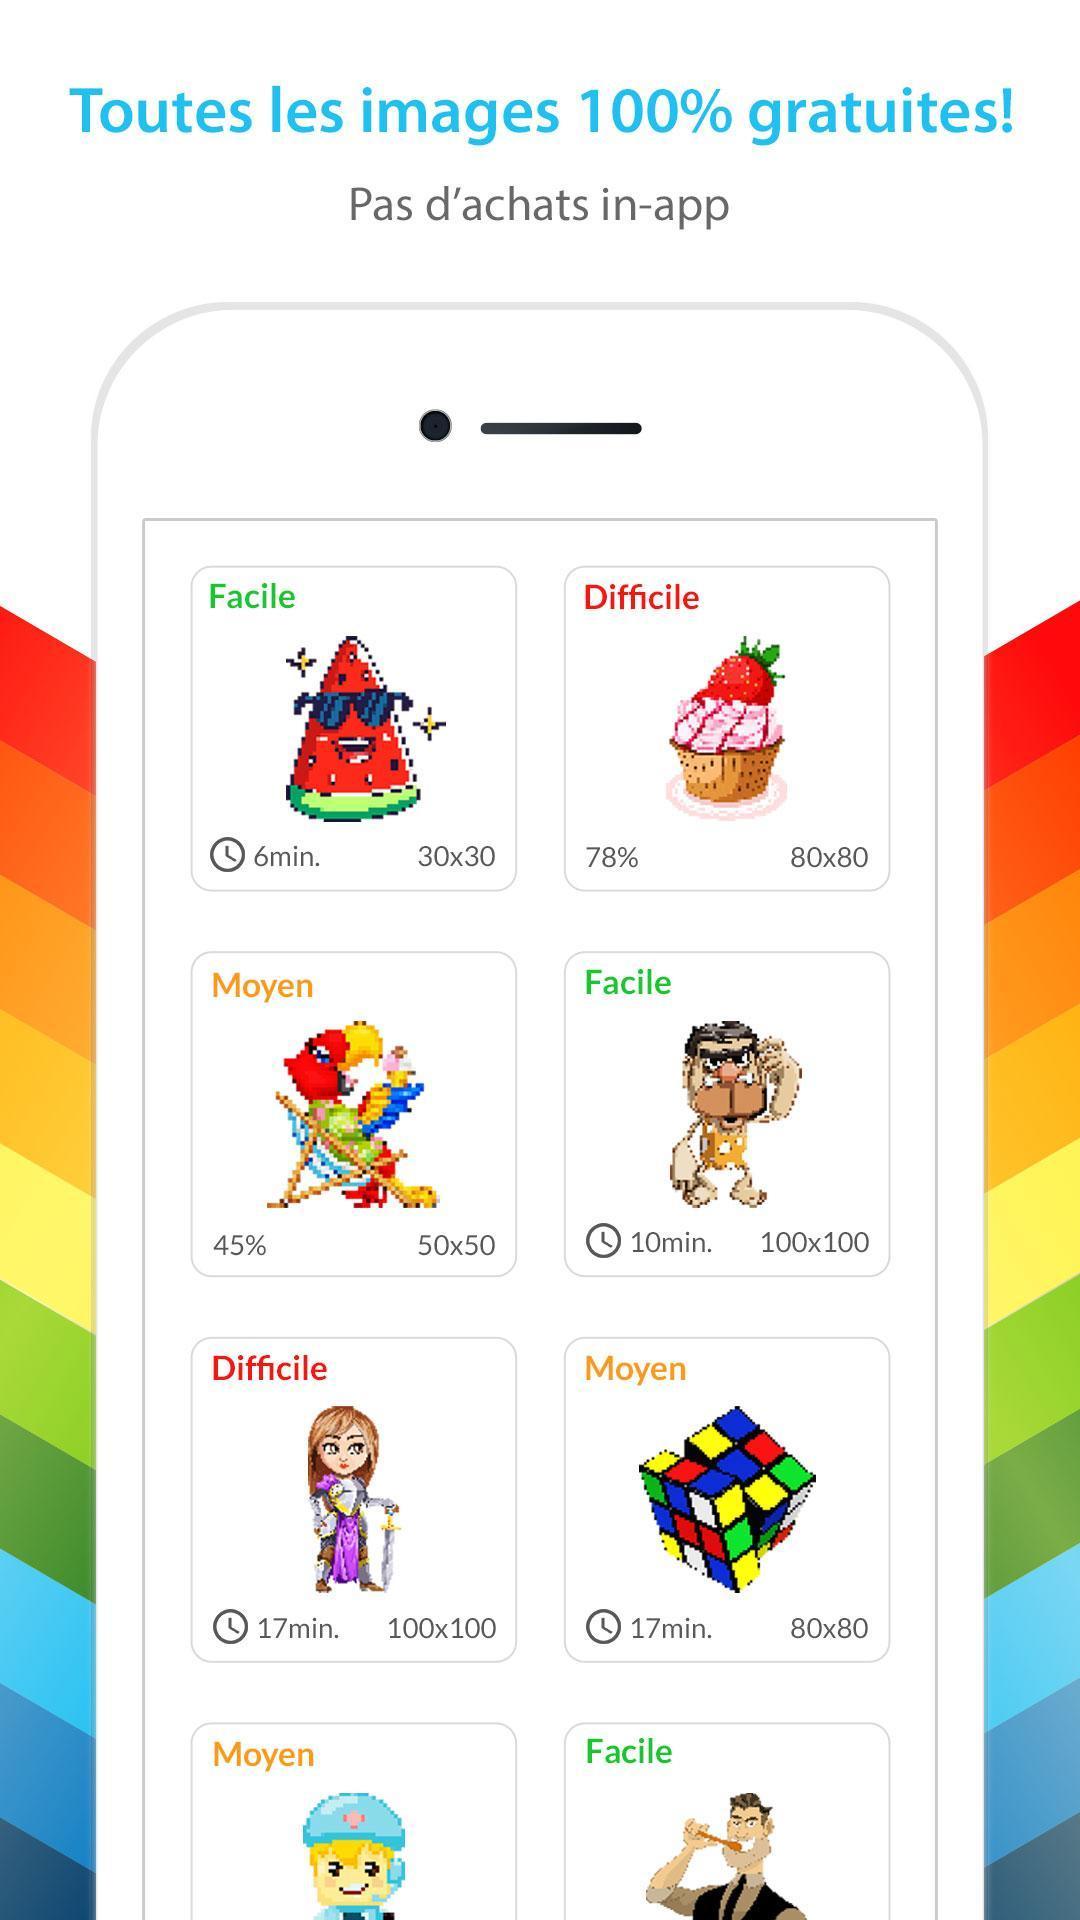 Jeux De Coloriage Numéro - Peinture Par Numero Pour Android concernant Jeu De Coloriage Pixel